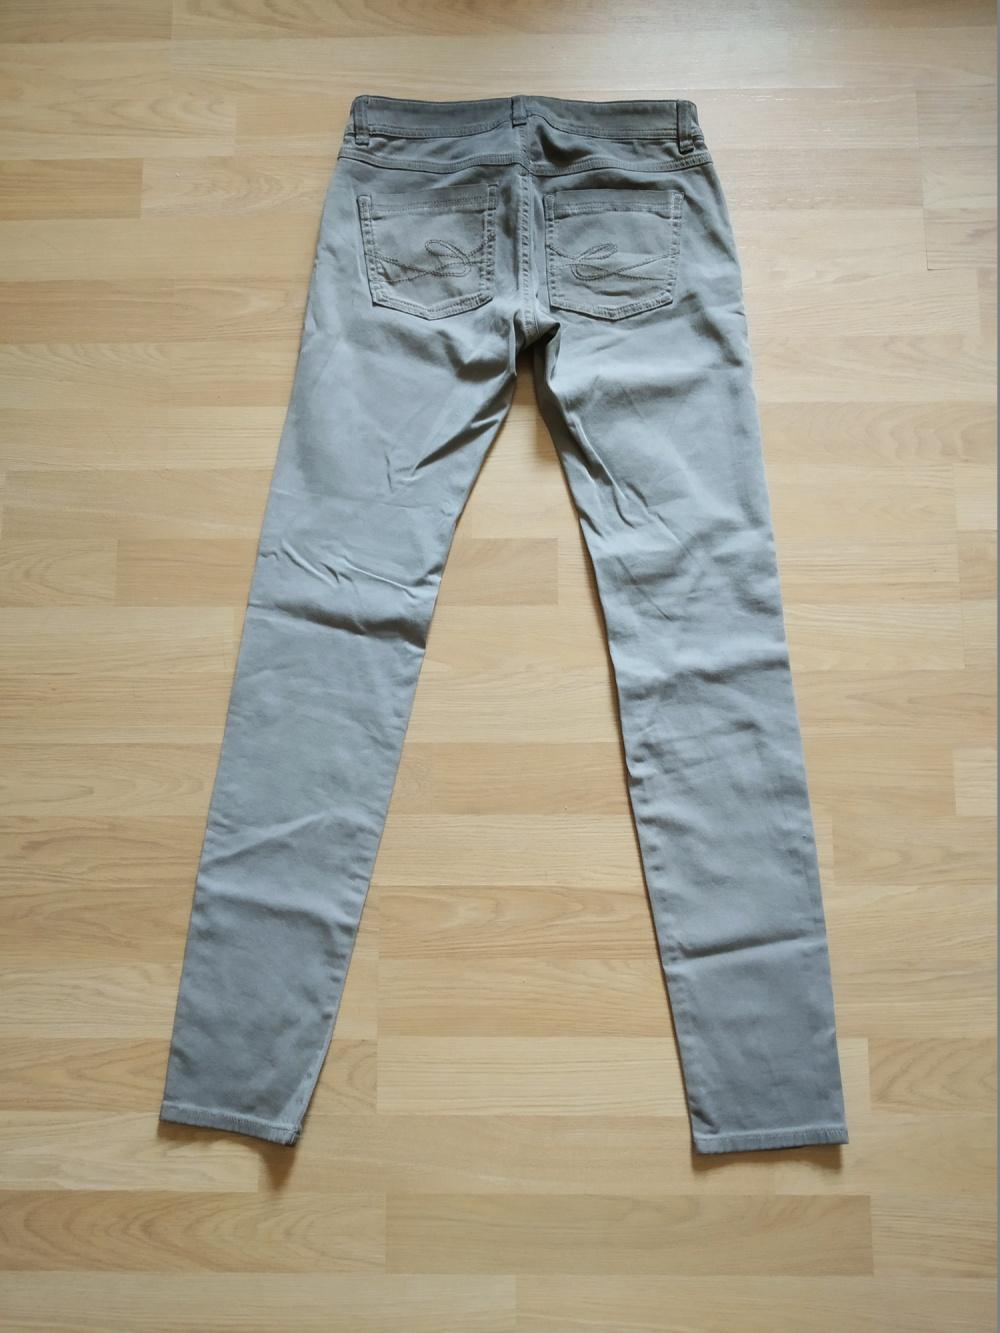 Джинсовые штаны Esprit, размер 32